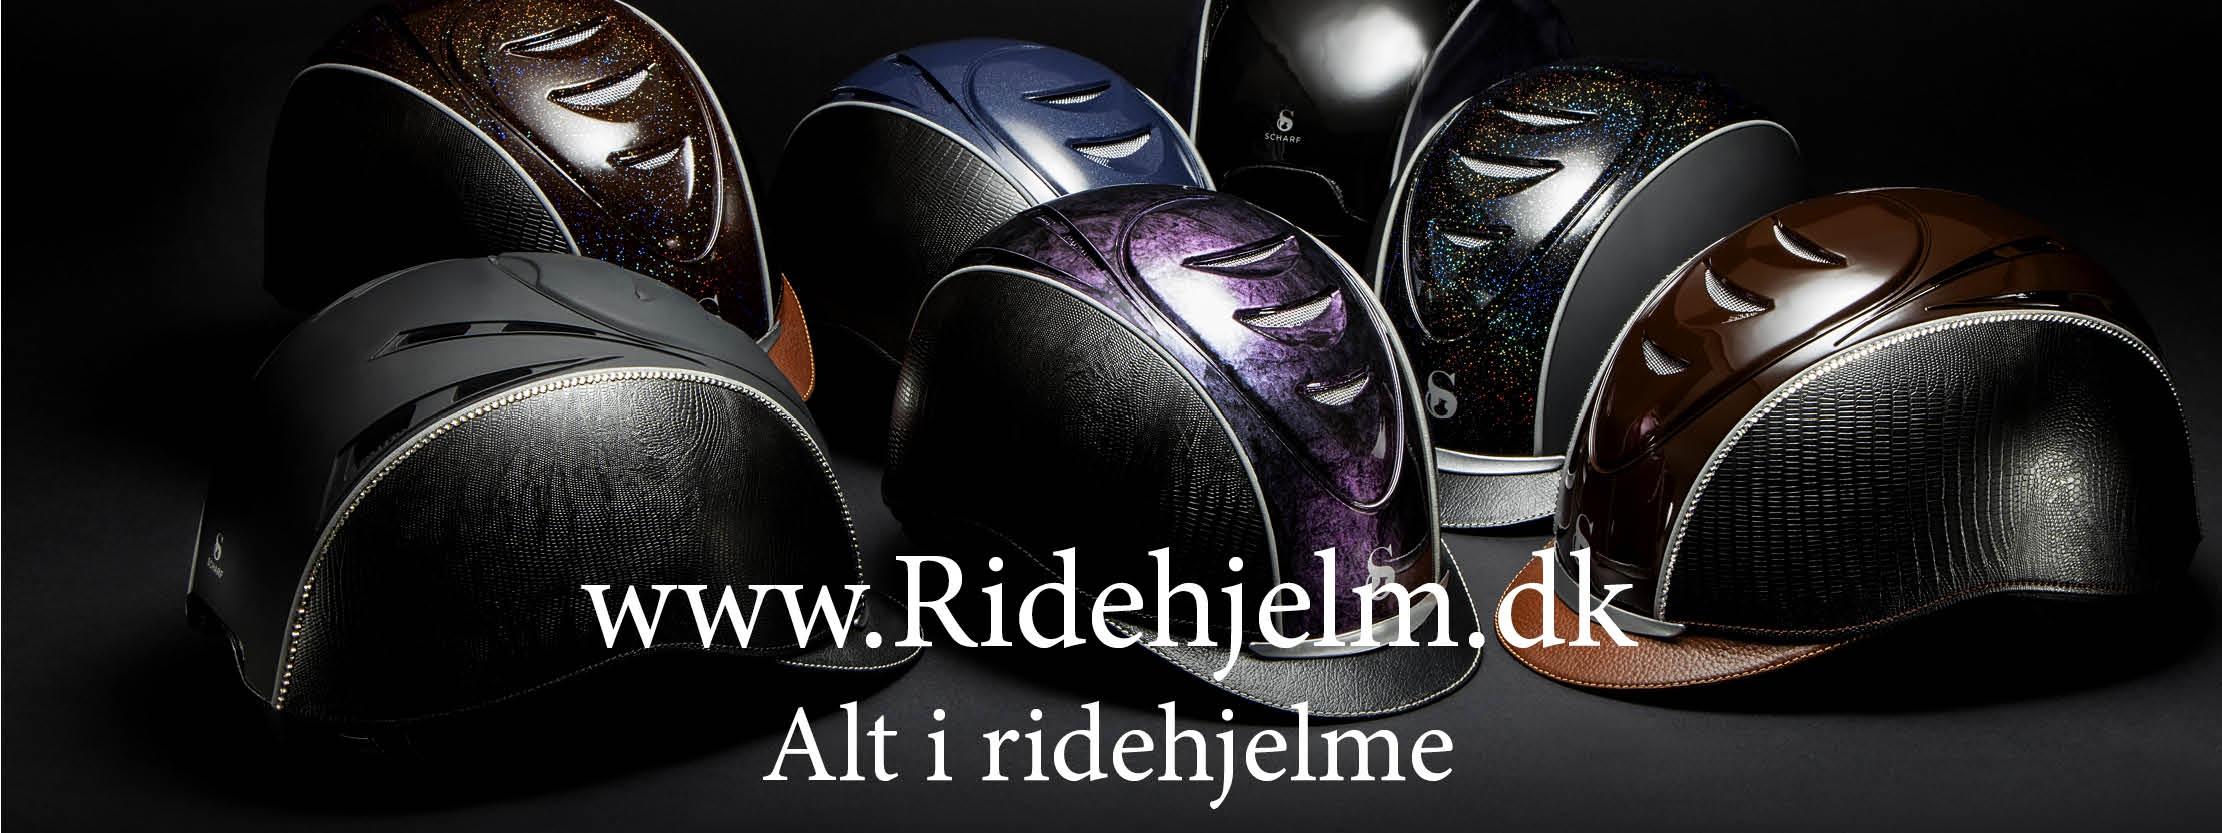 Ridehjelm (@ridehjelmdk) Cover Image